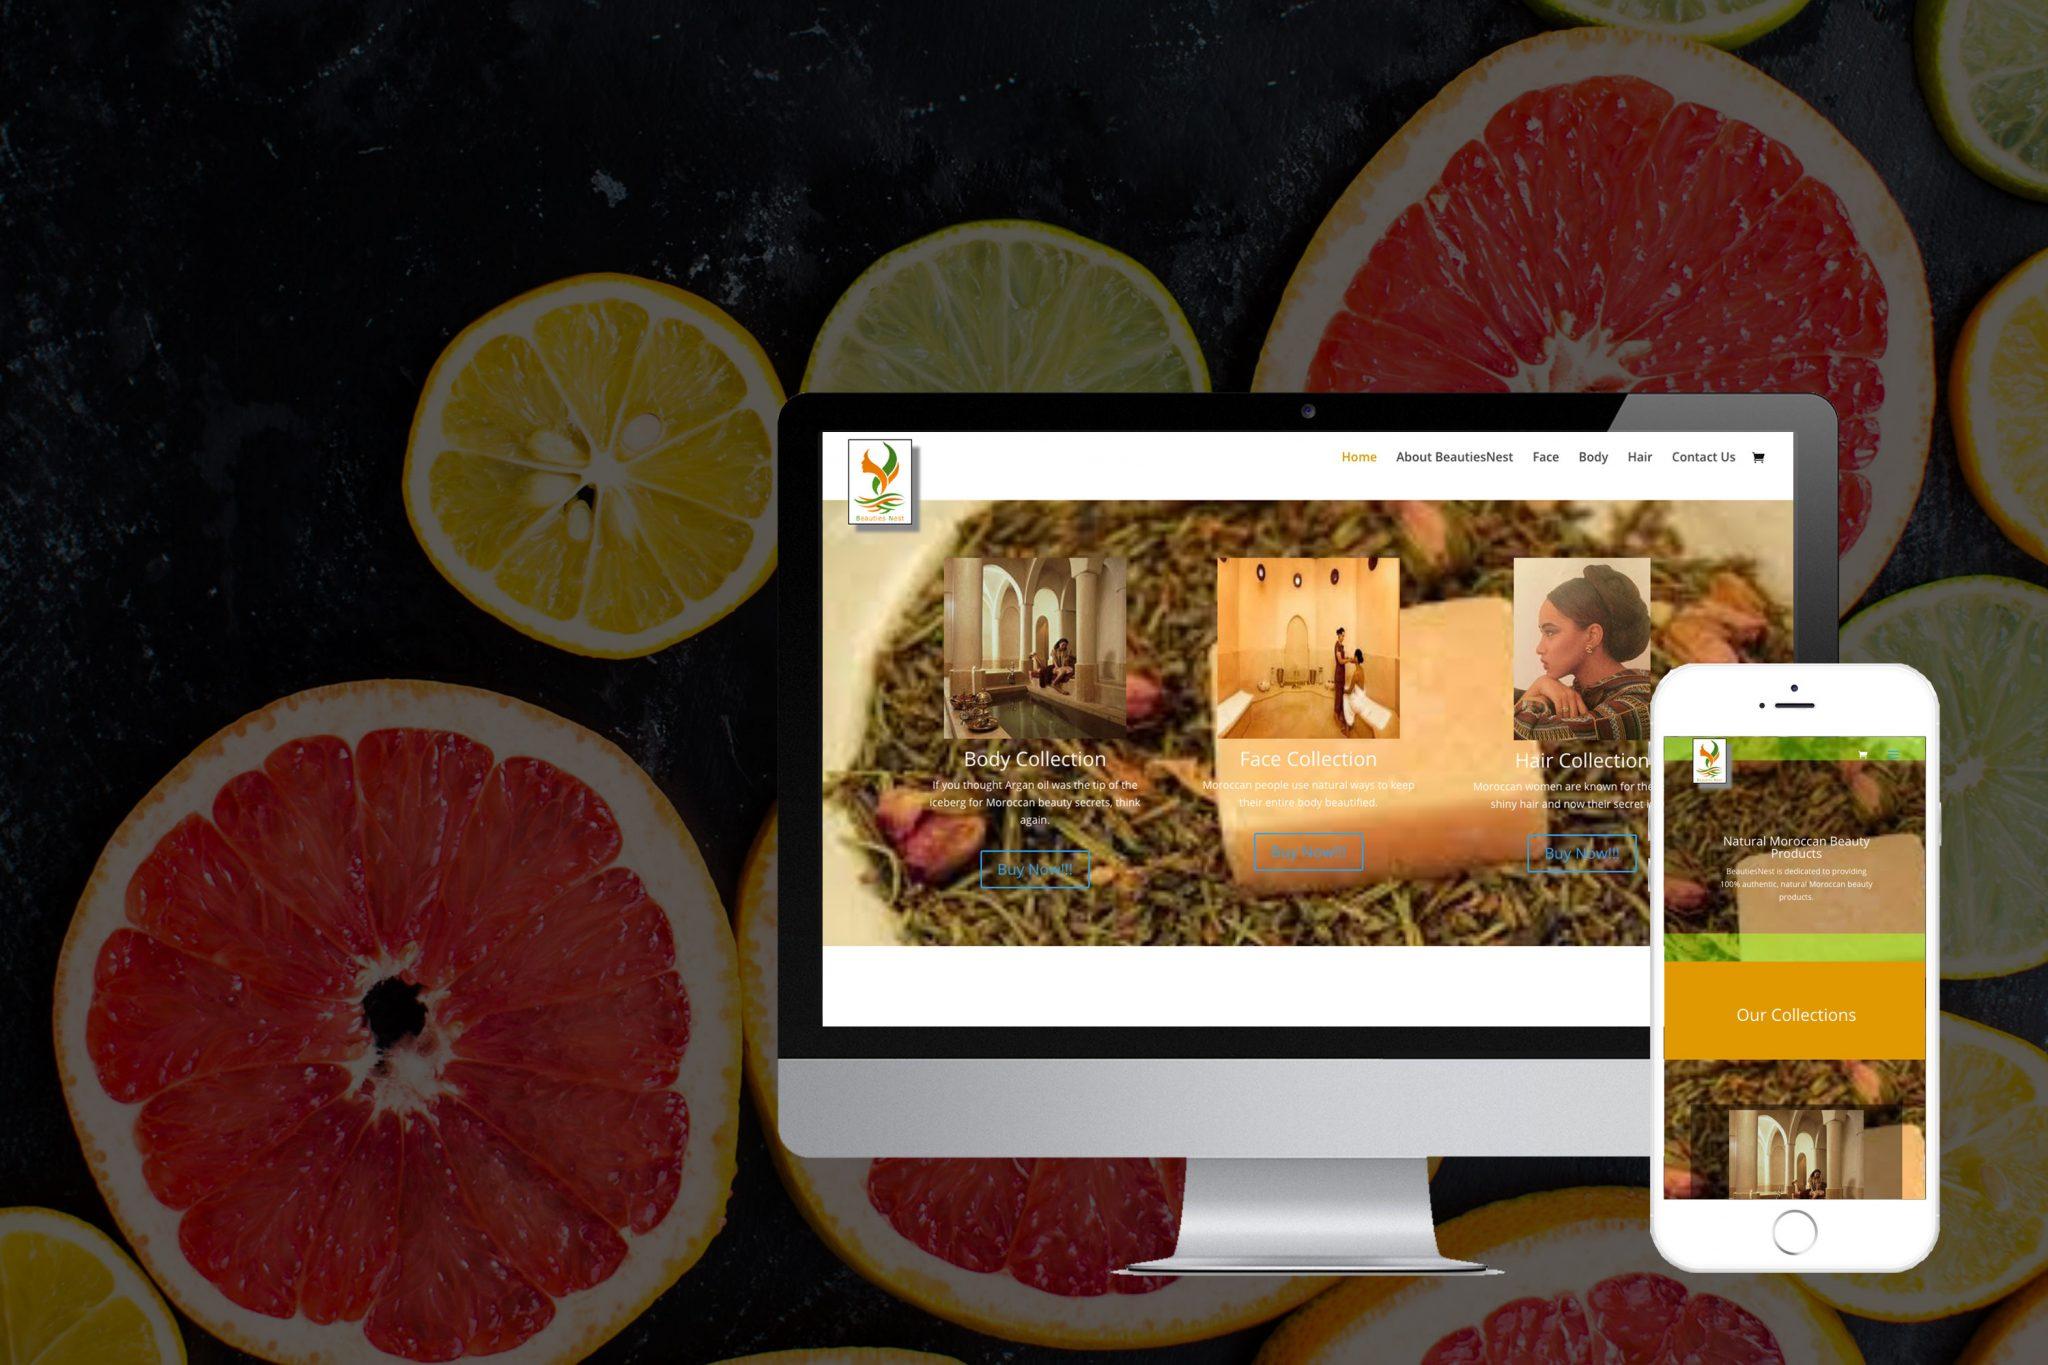 Beauties nest website